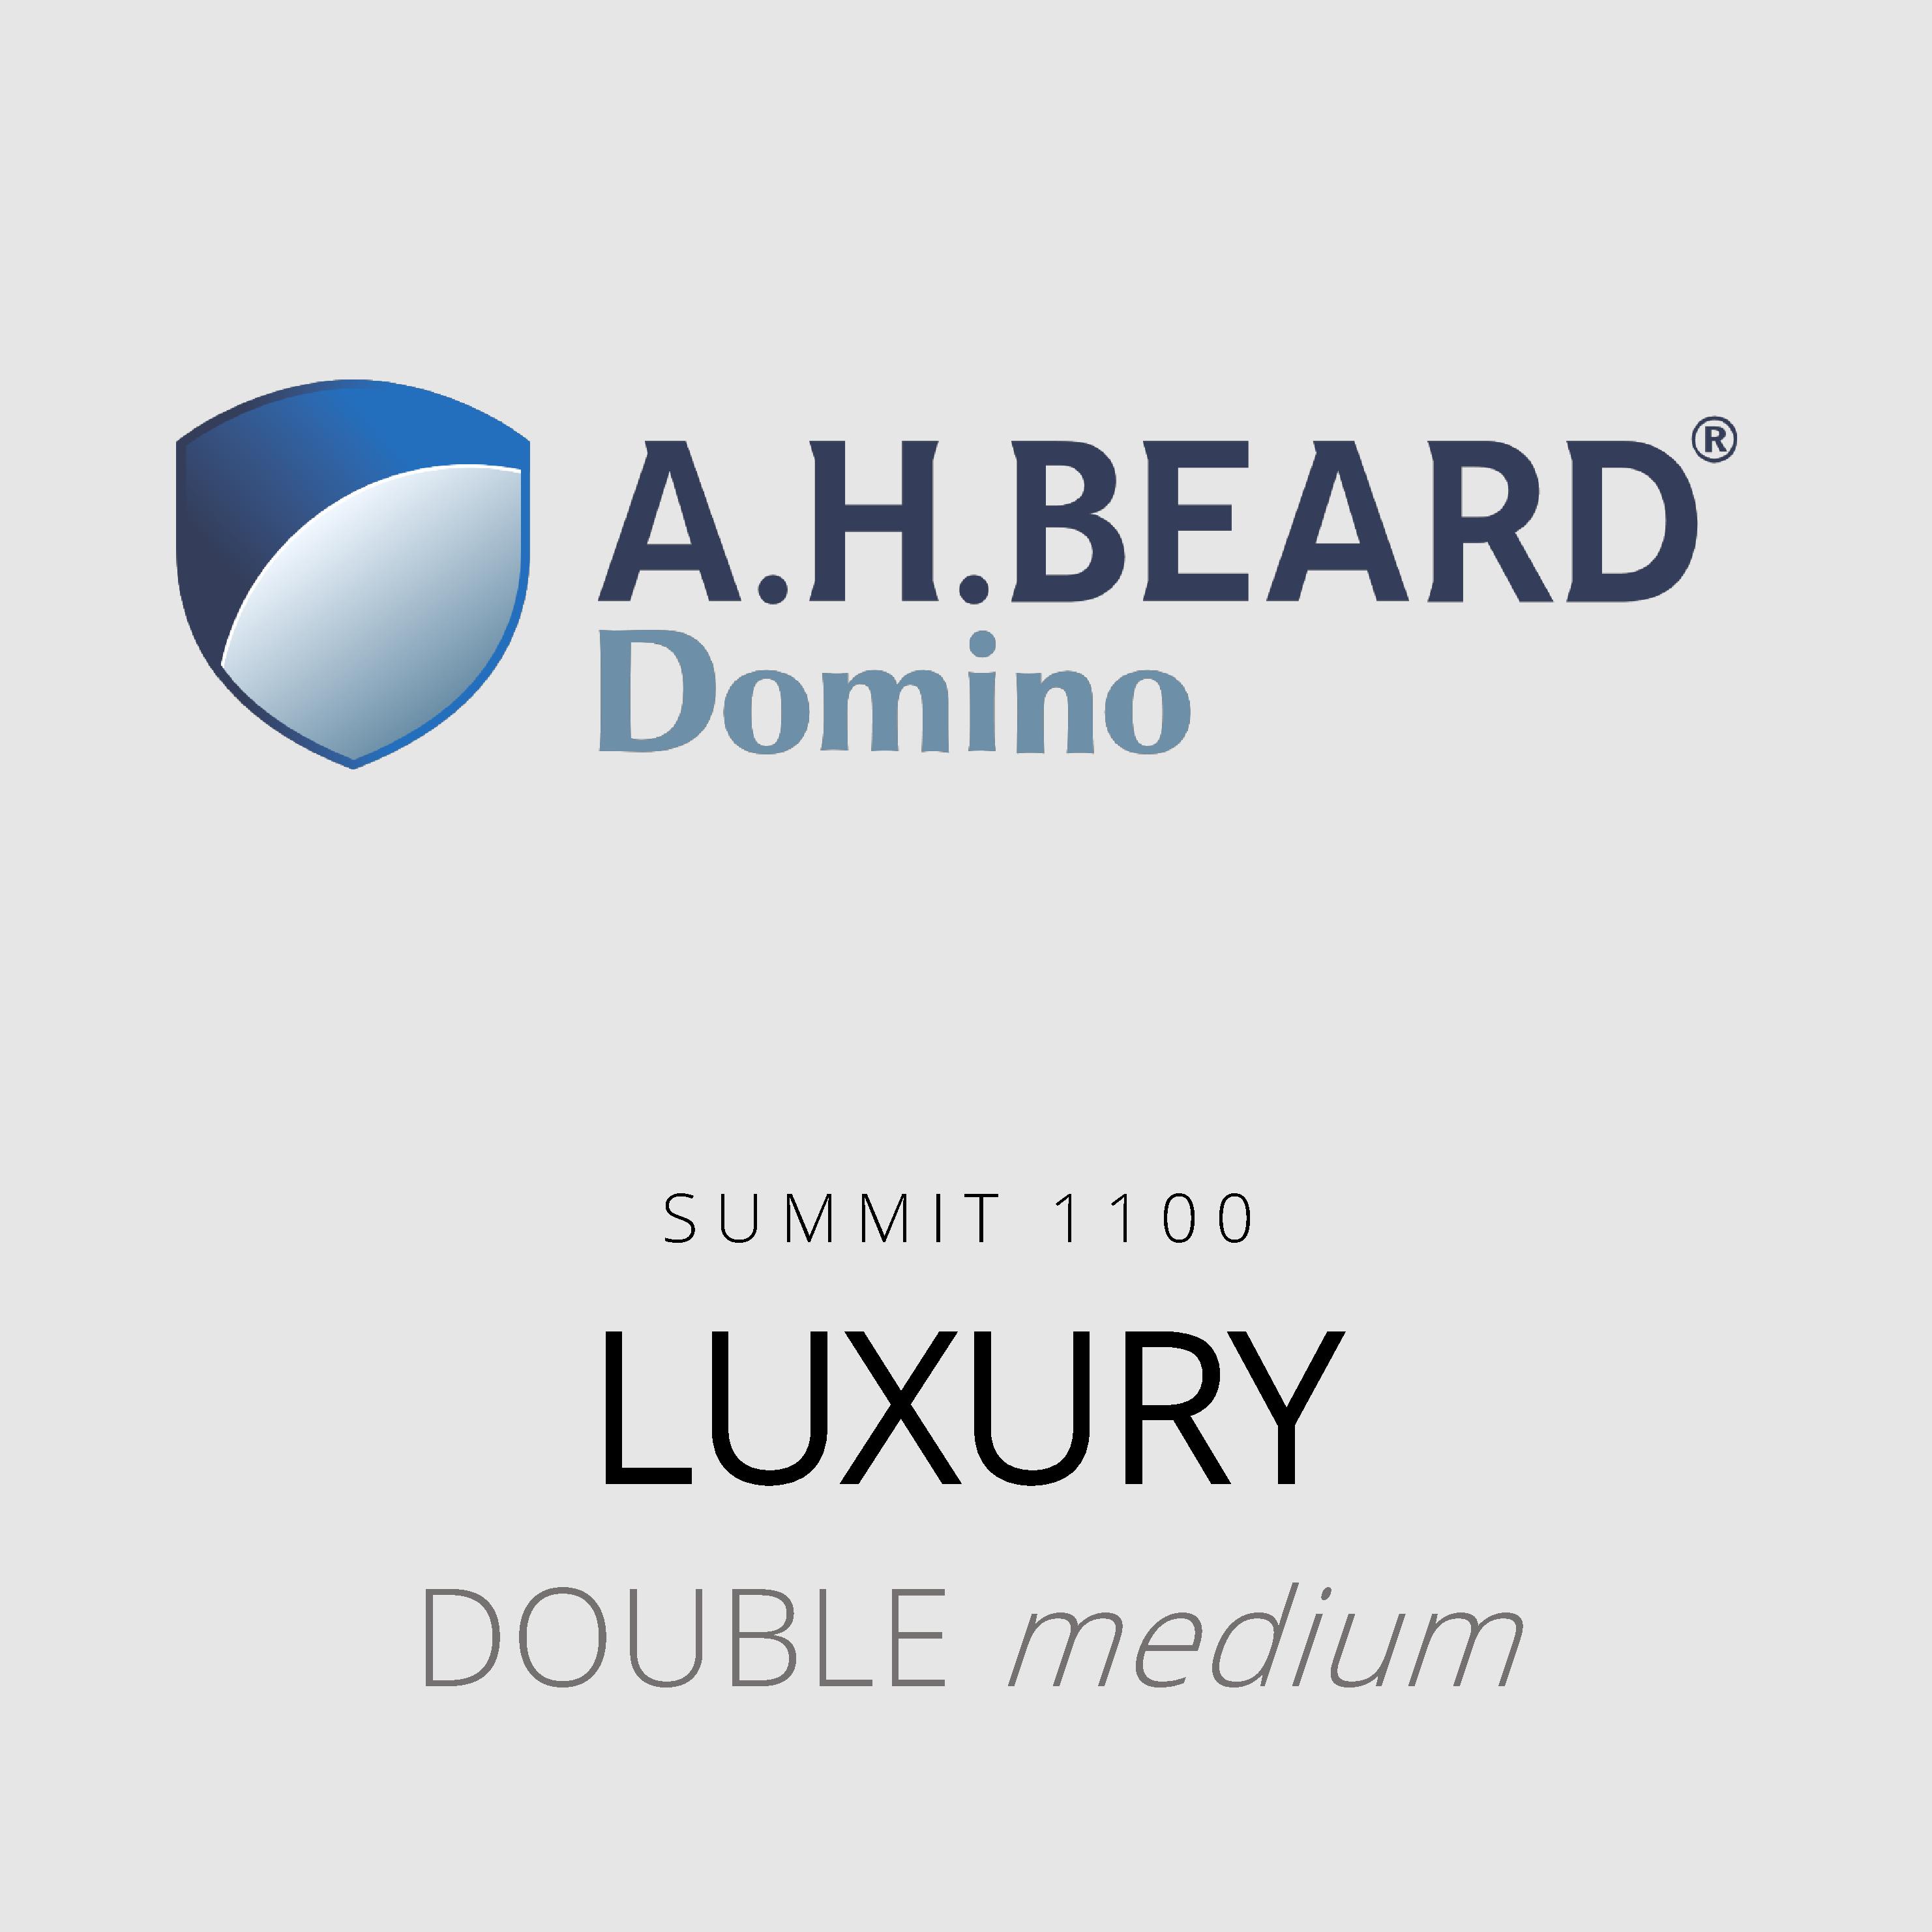 AH Beard Domino – Luxury – Summit 1100 – Double Medium Mattress